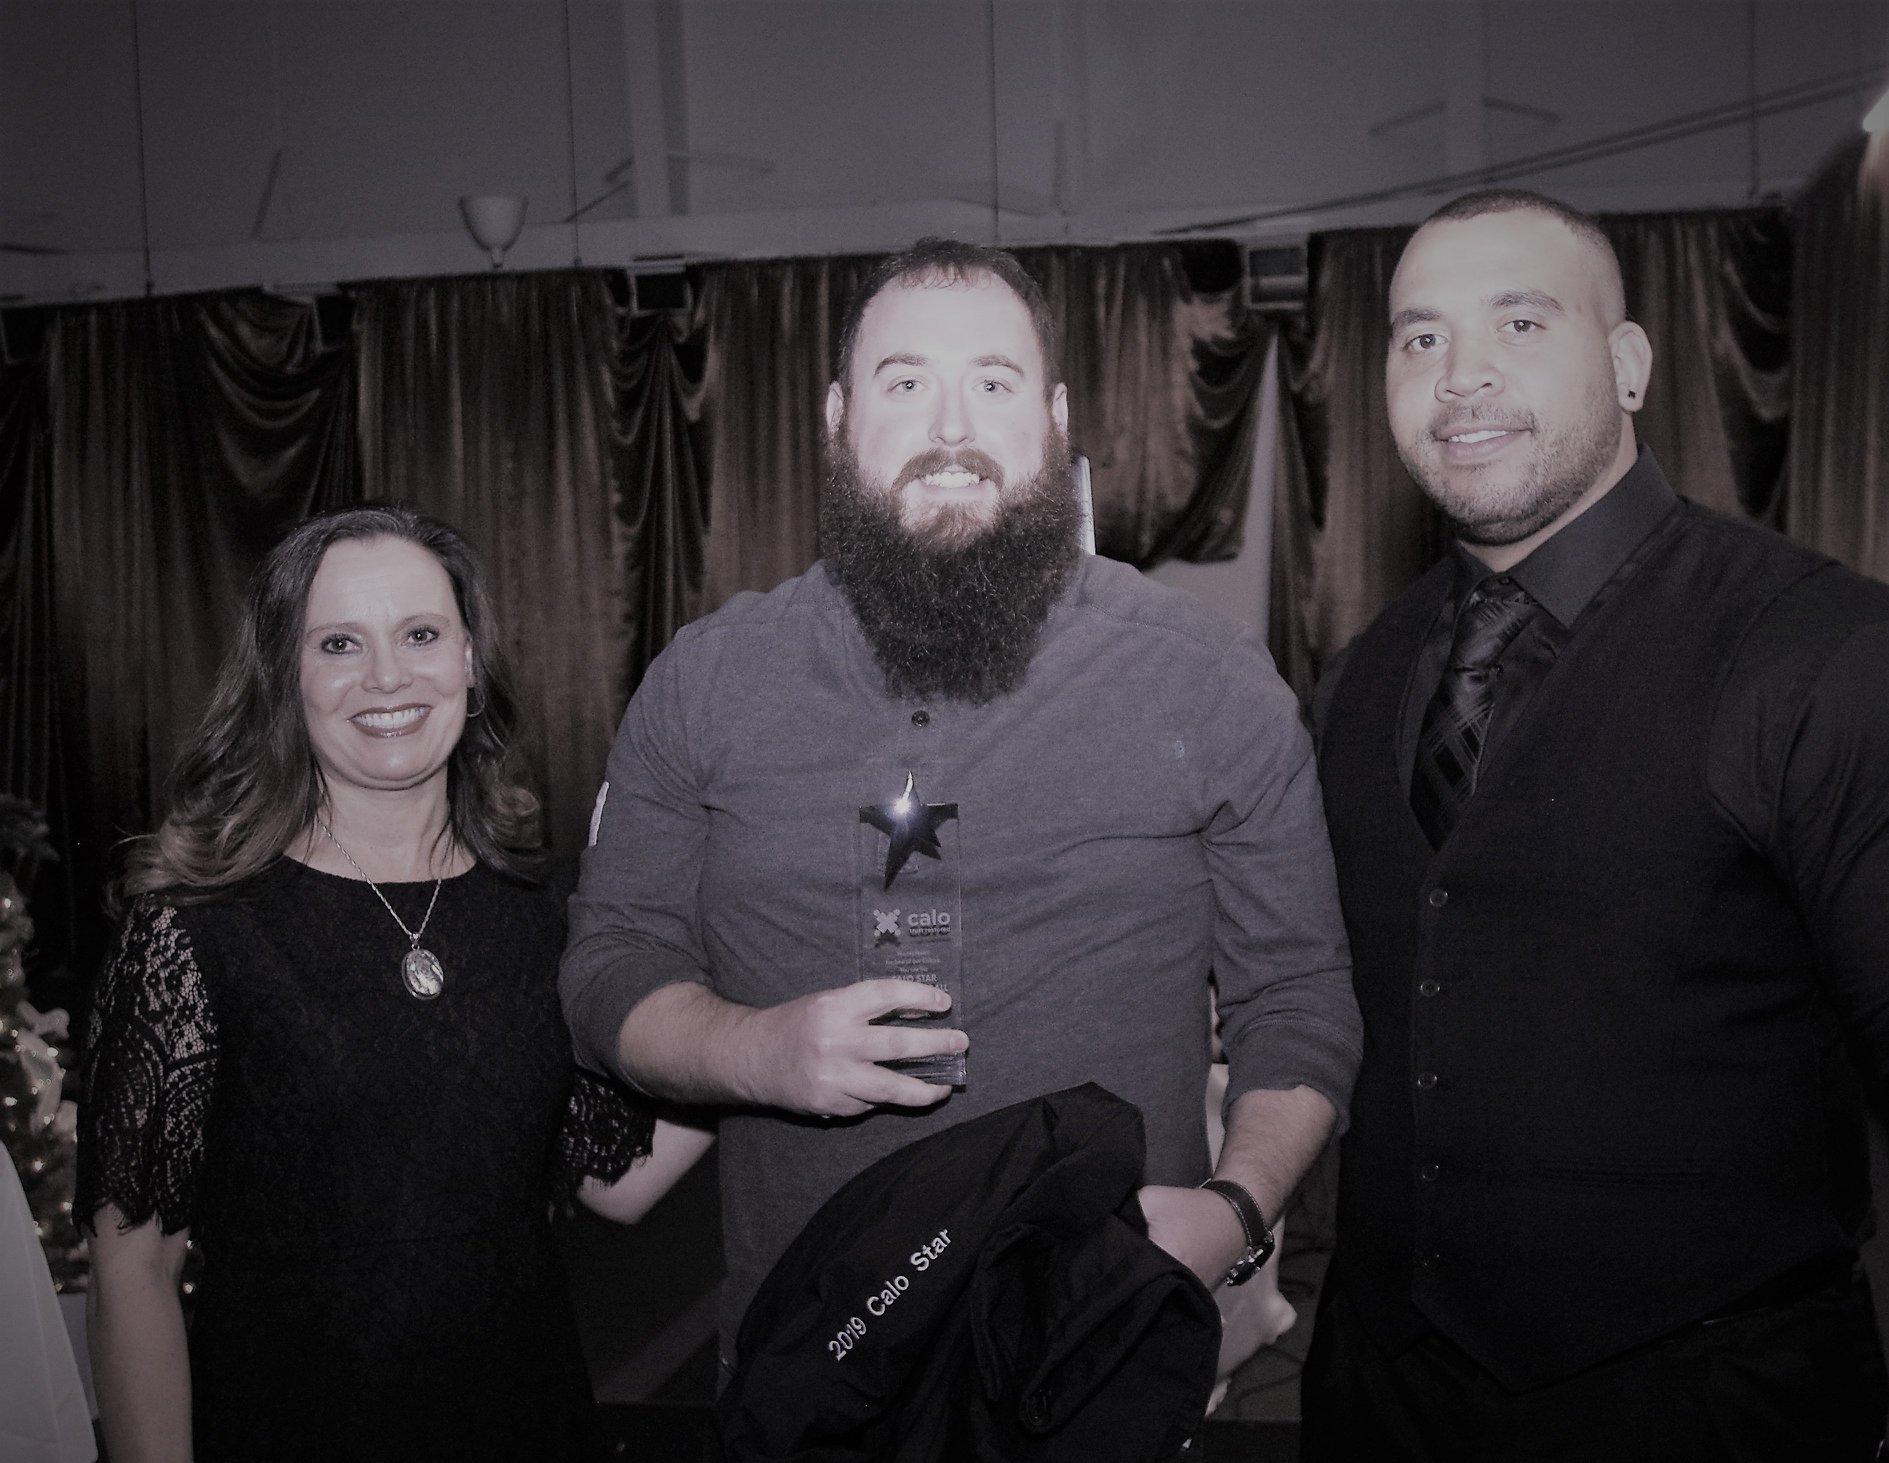 Zack Vogus receiving Calo award.